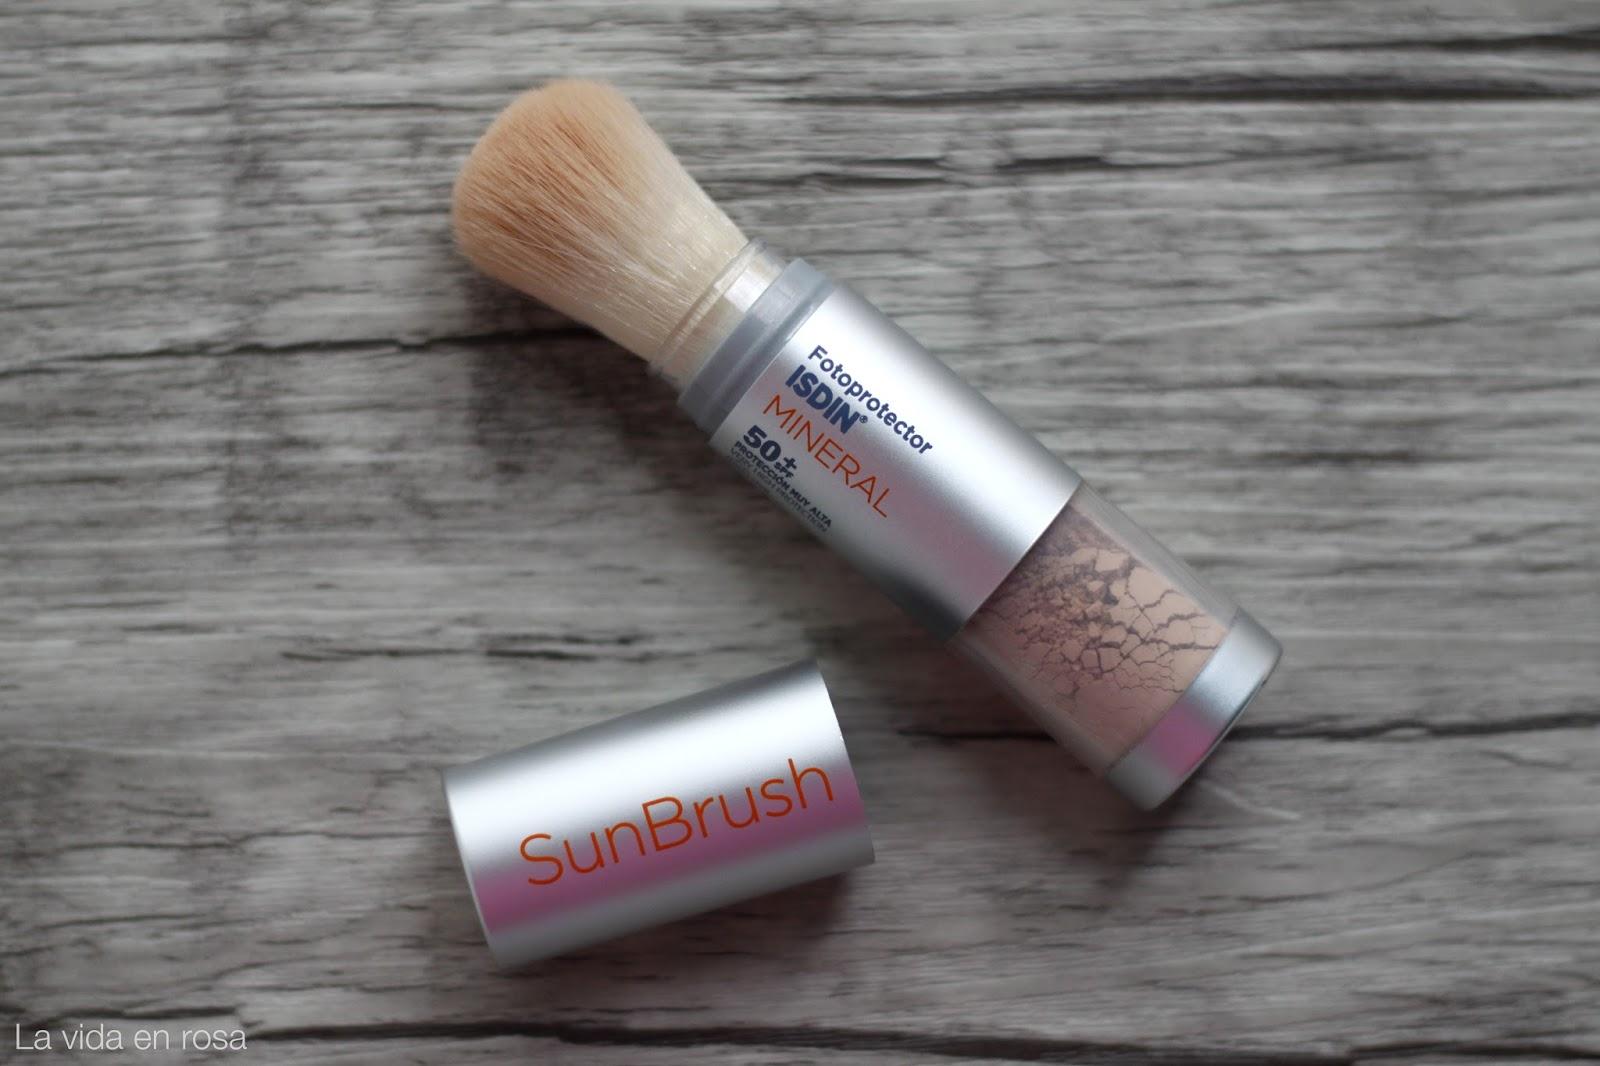 SunBrush Mineral de Isdin | La vida en rosa | Bloglovin\'